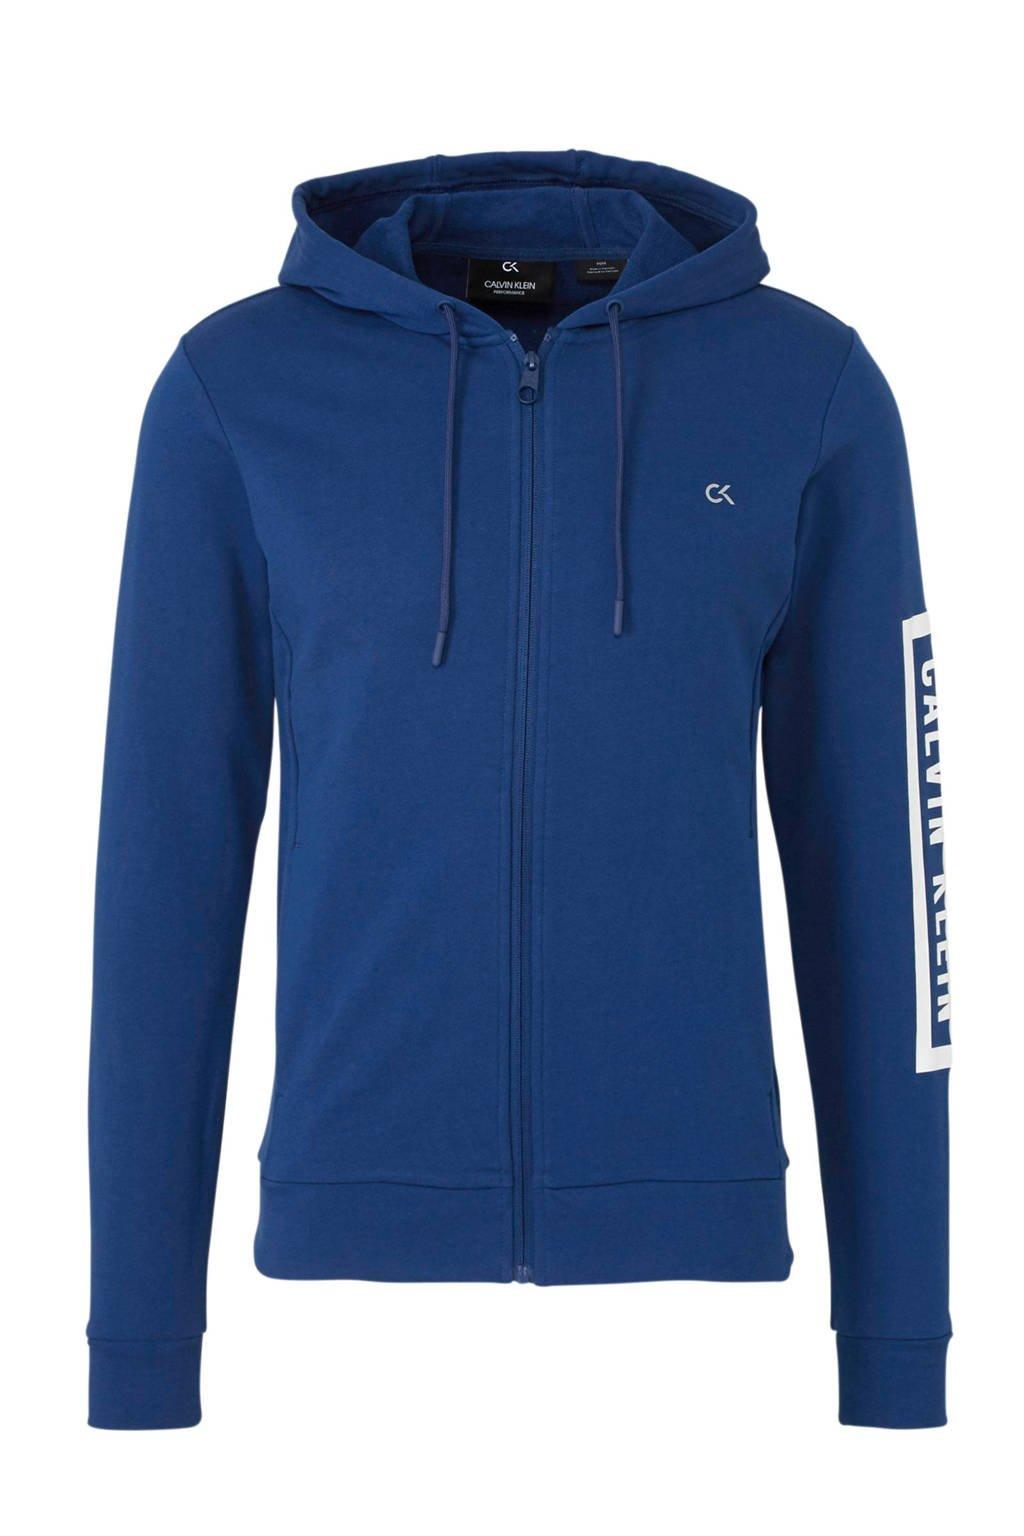 Calvin Klein   sportvest met printopdruk blauw, Blauw